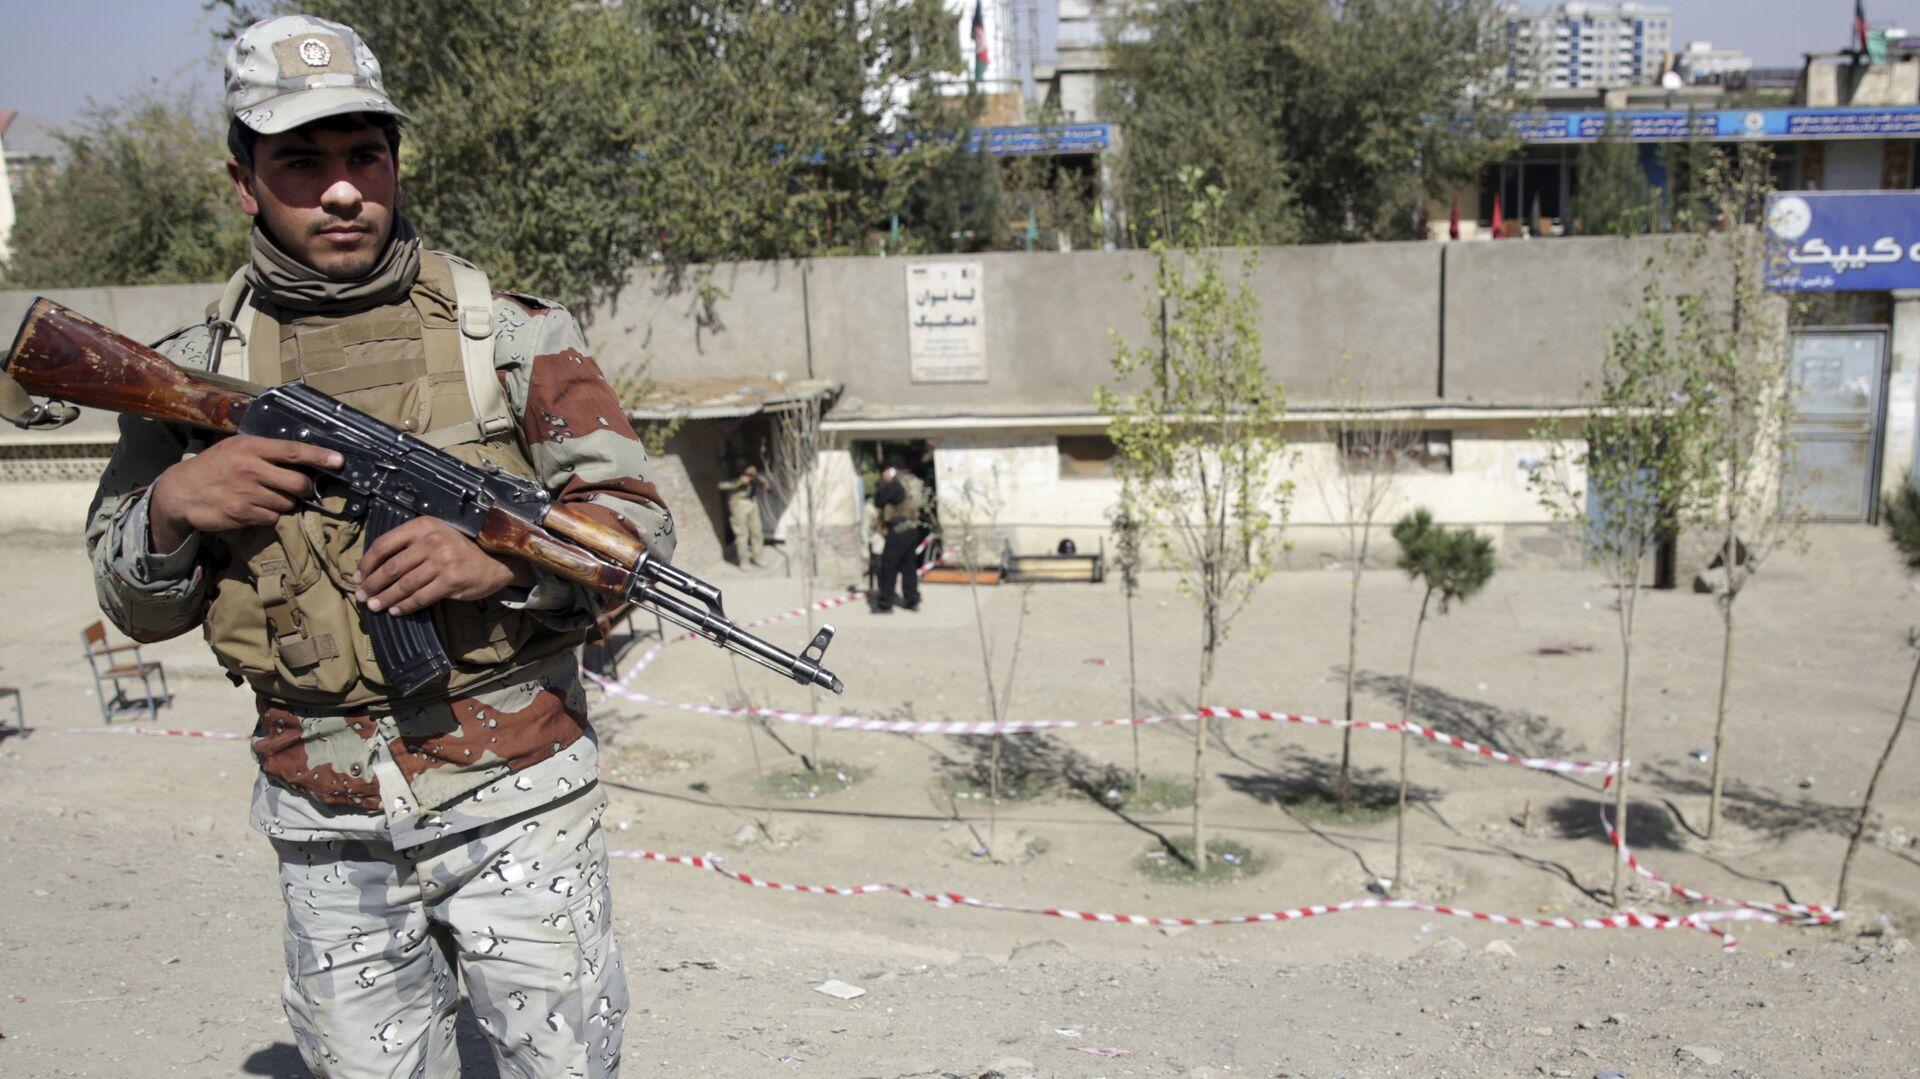 Полицейский возле избирательного участка в Кабуле, где прогремел взрыв. 20 октября 2018 - РИА Новости, 1920, 18.03.2021